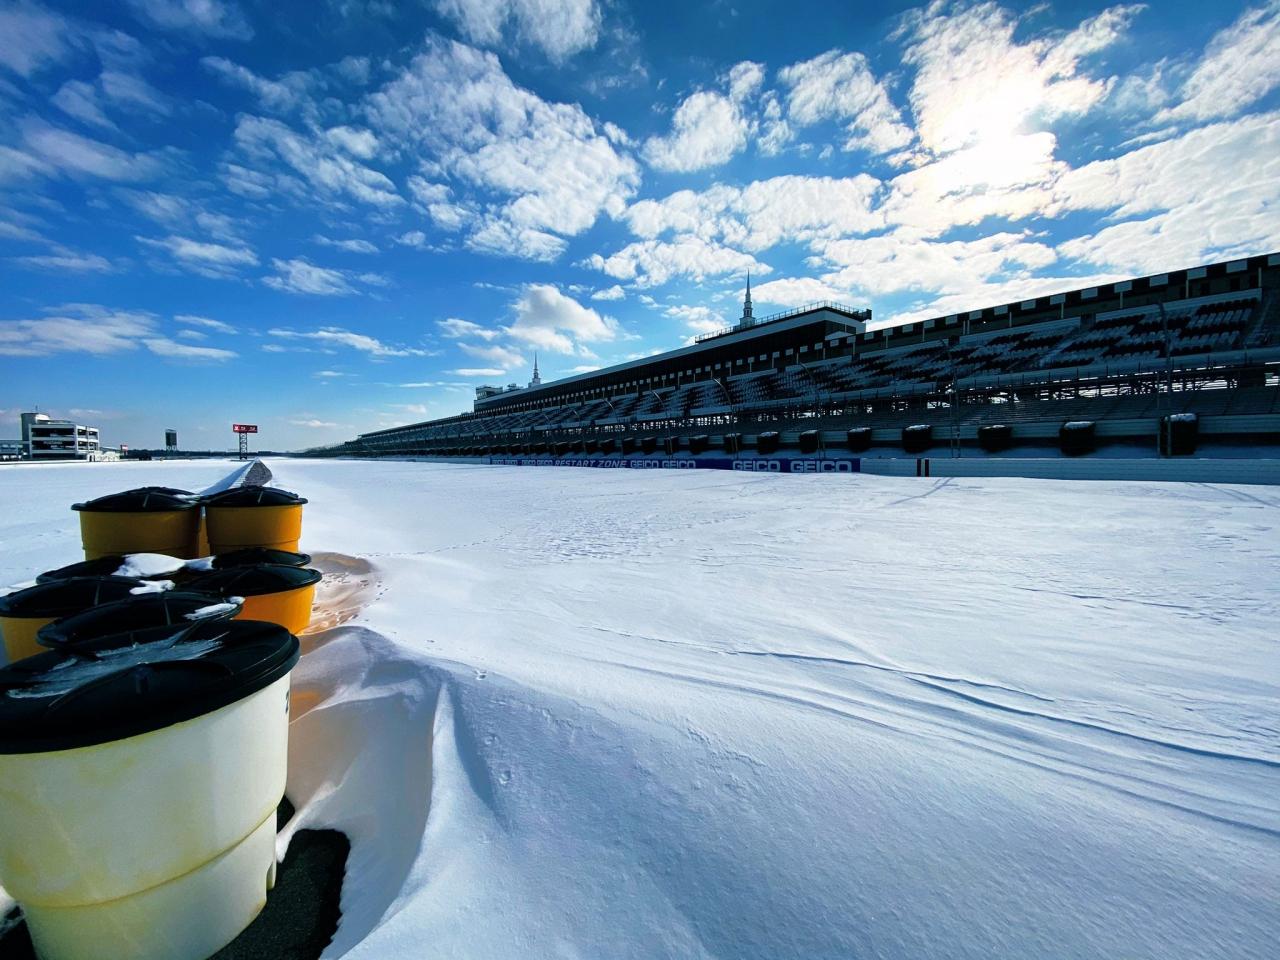 Snow at Pocono Raceway